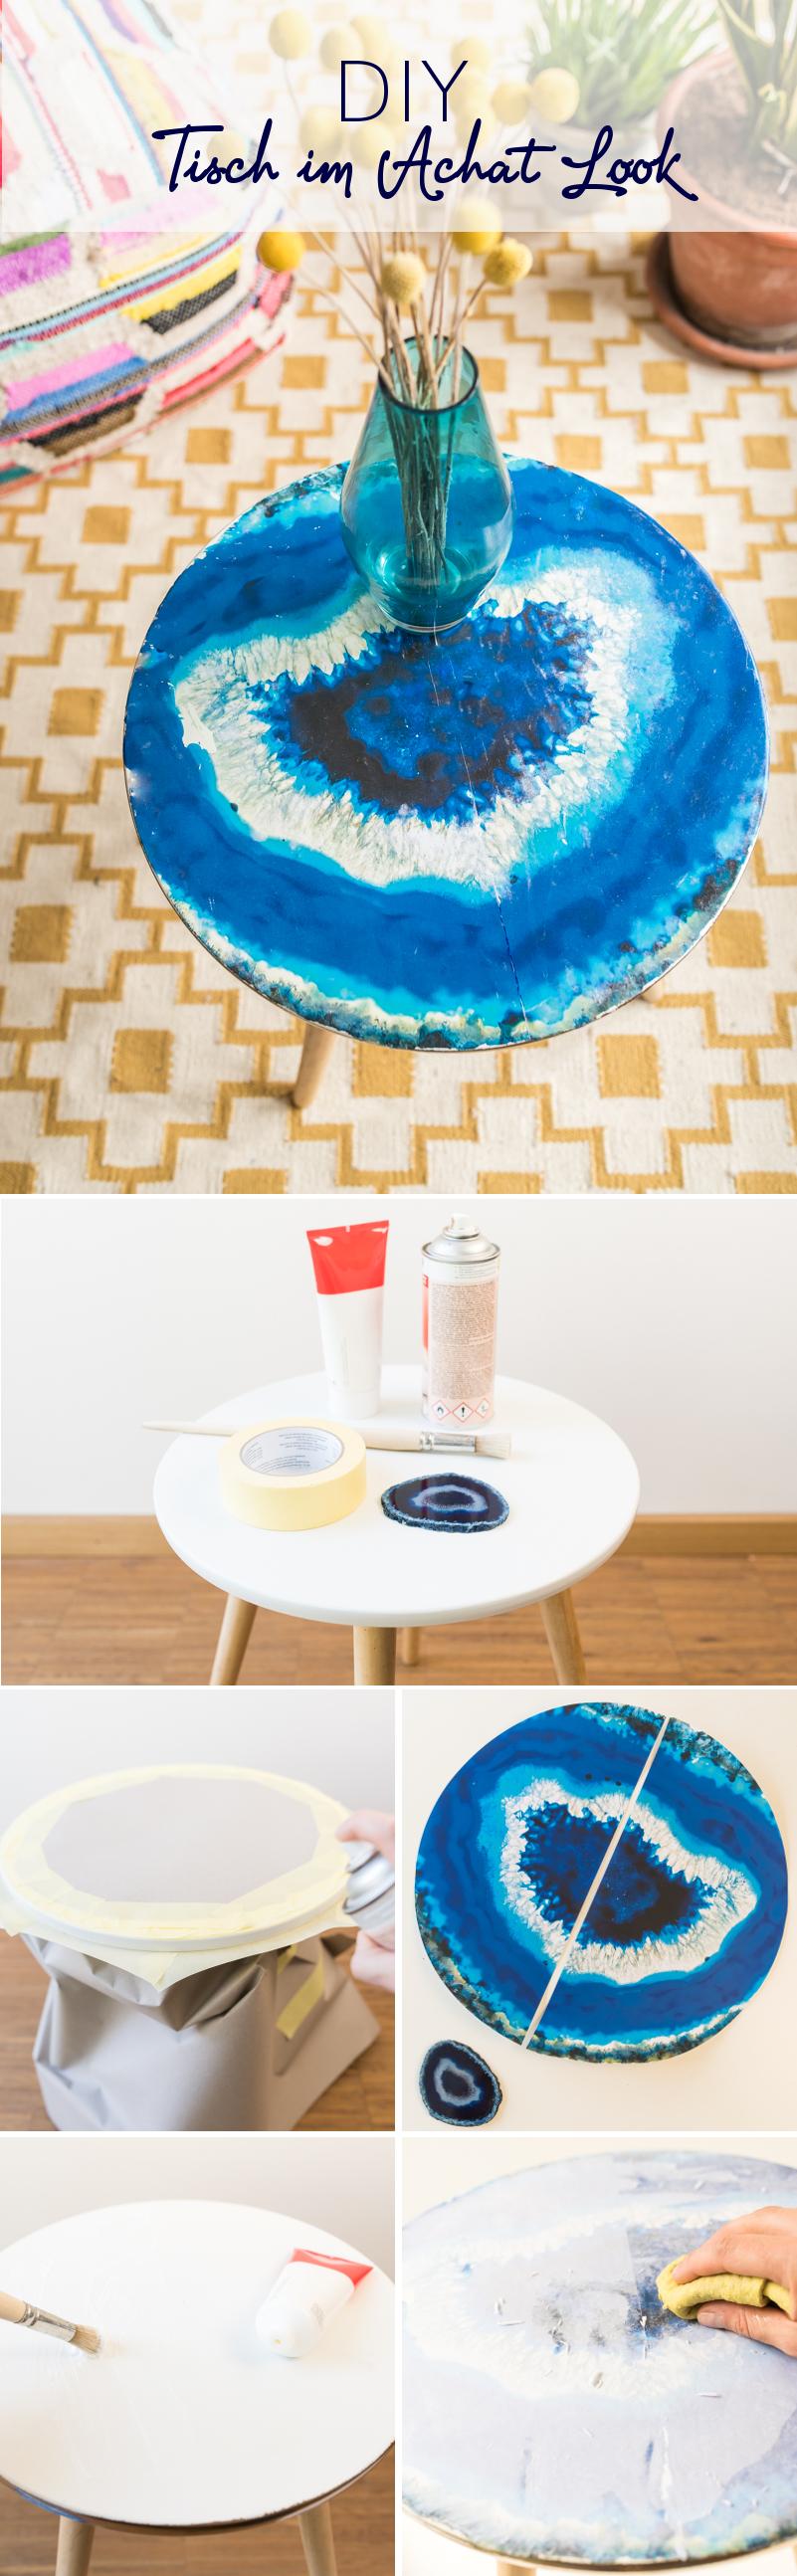 DIY - Tisch im Achat Look - Leelah Loves